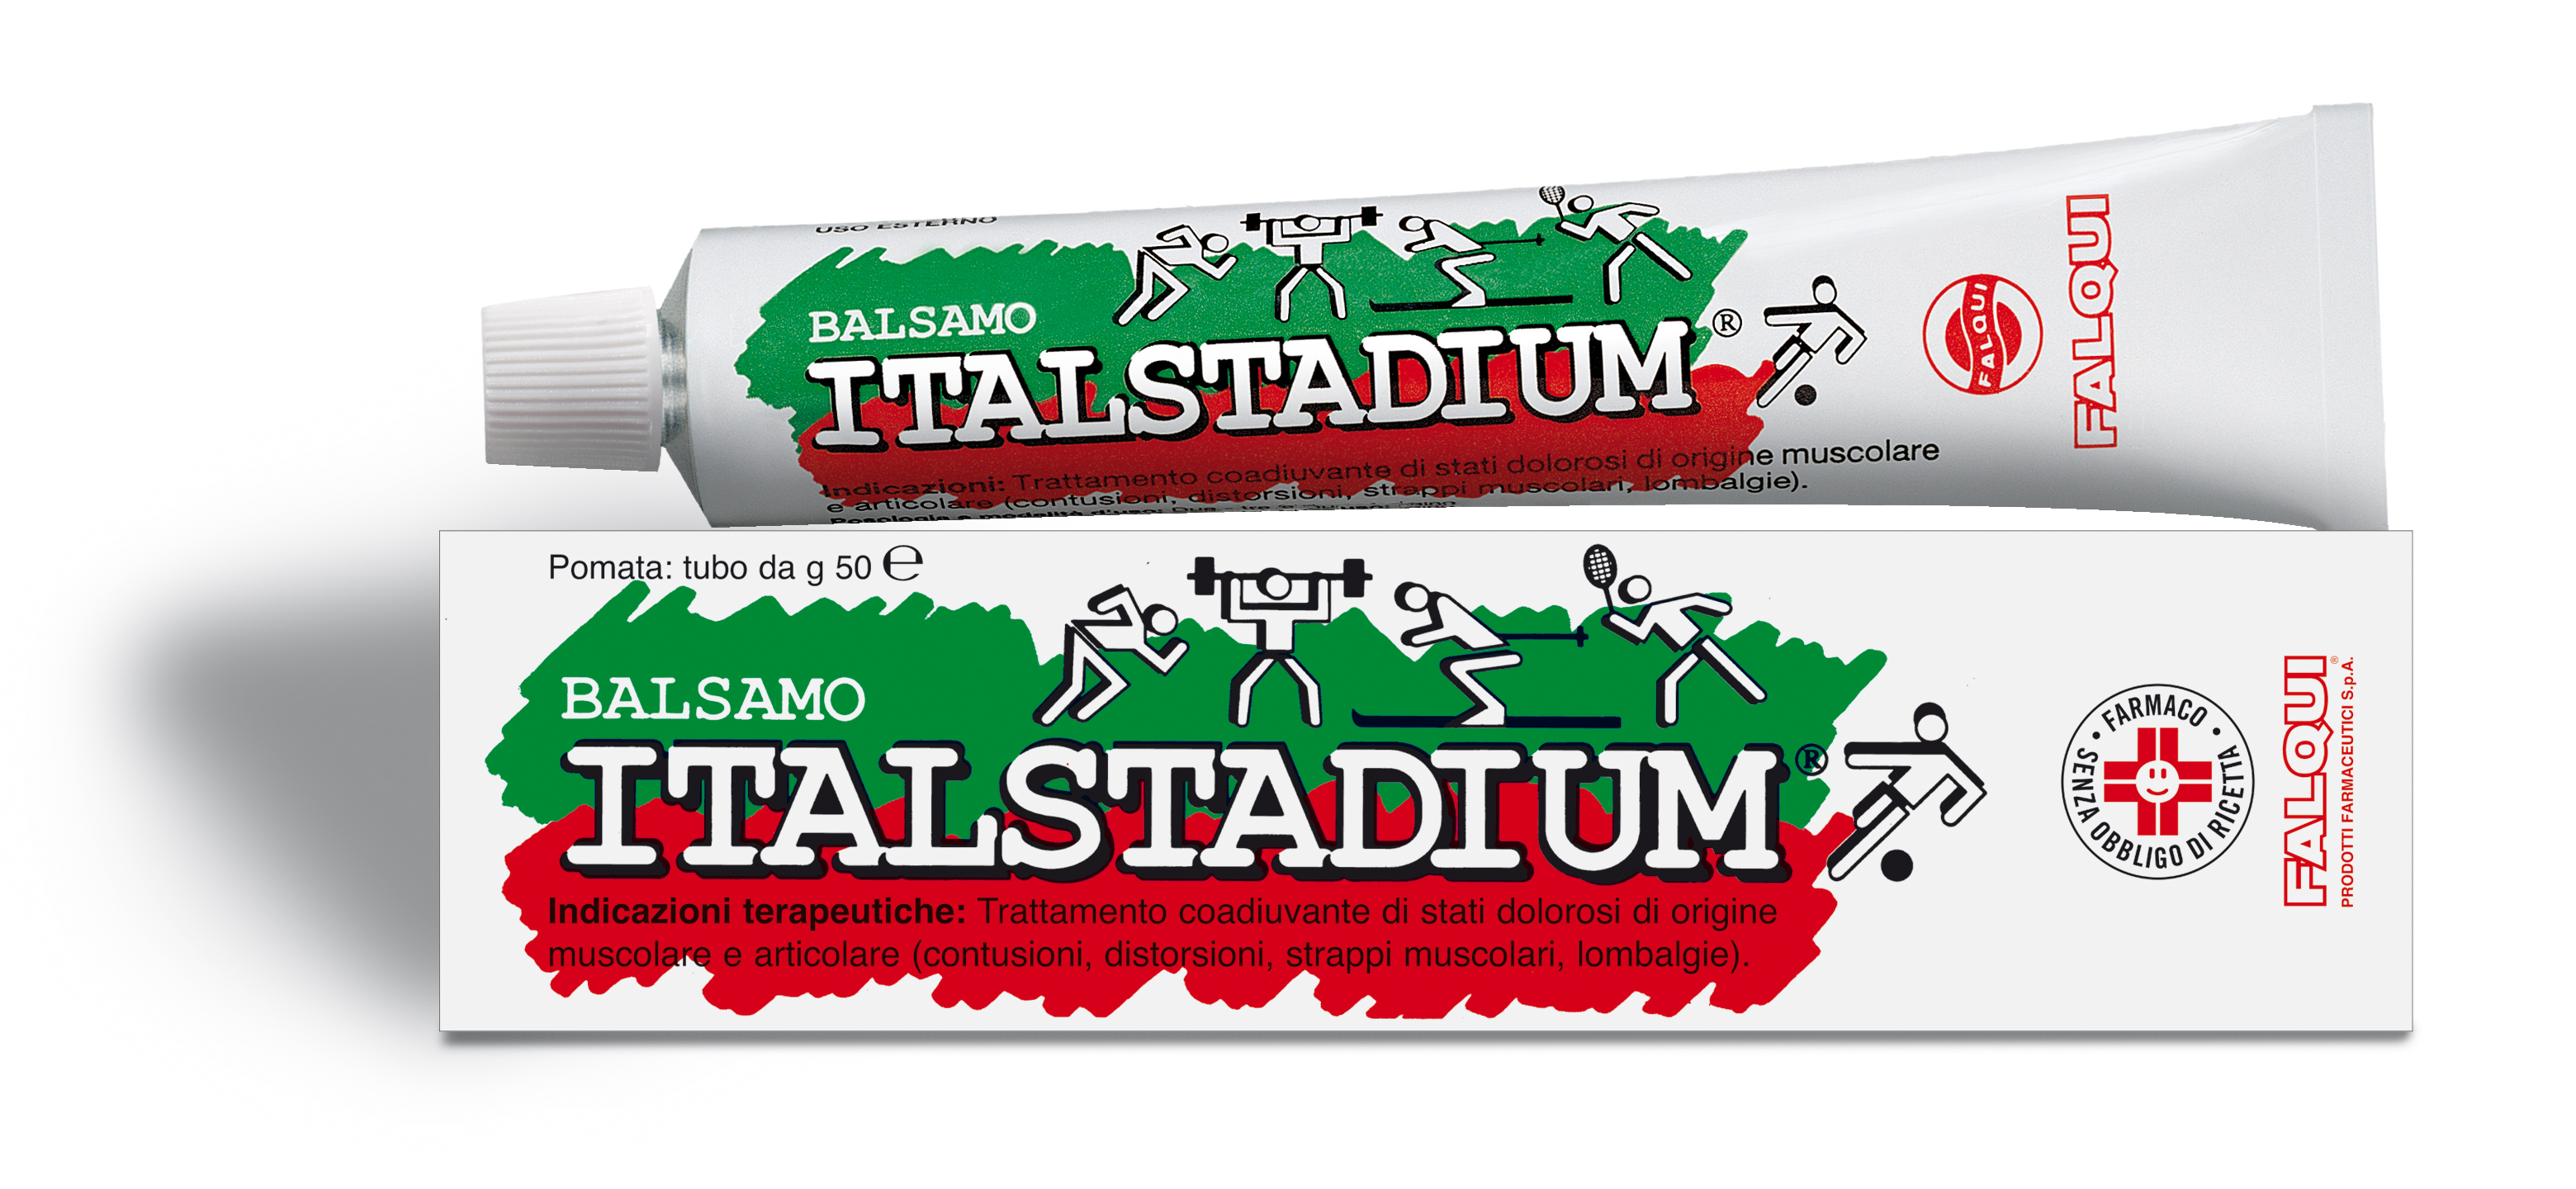 BALSAMO ITALSTADIUM*POM 50G offerta